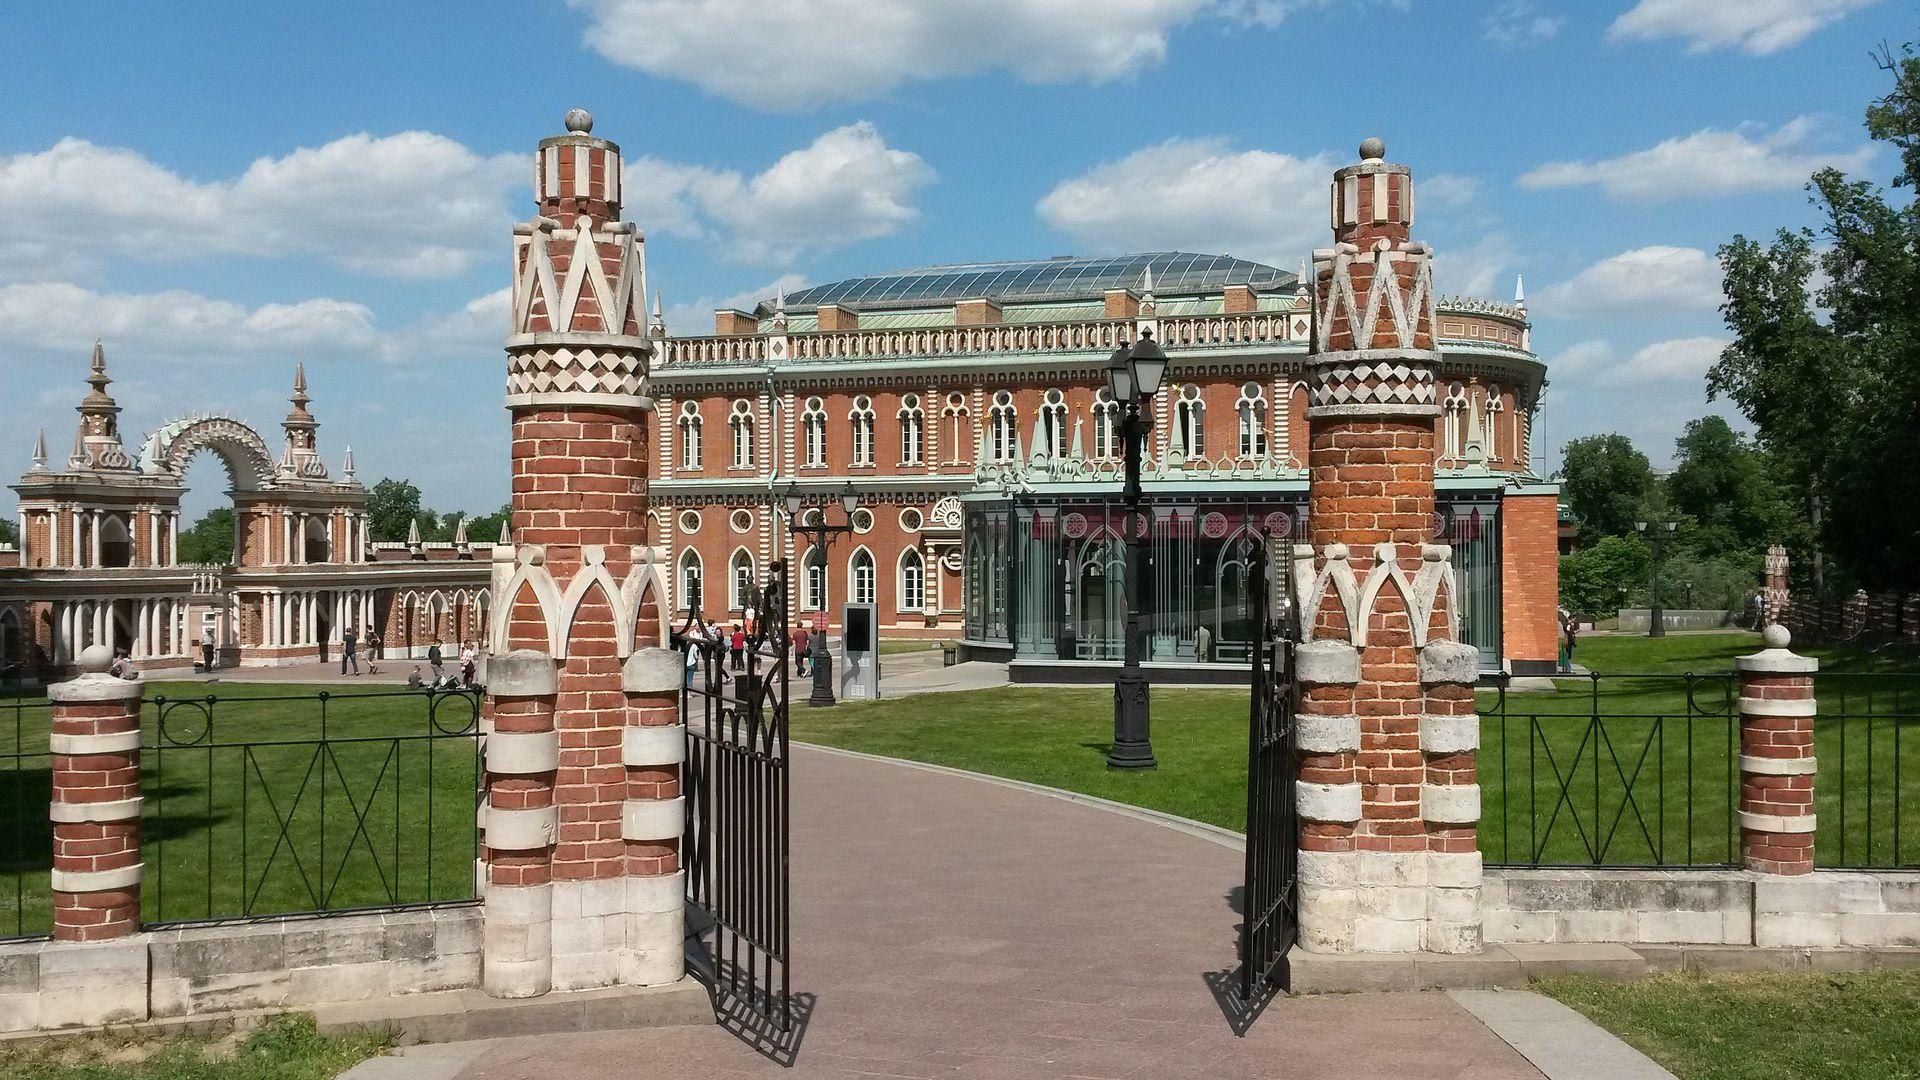 Царицыно: архитектурная прогулка по музею-заповеднику